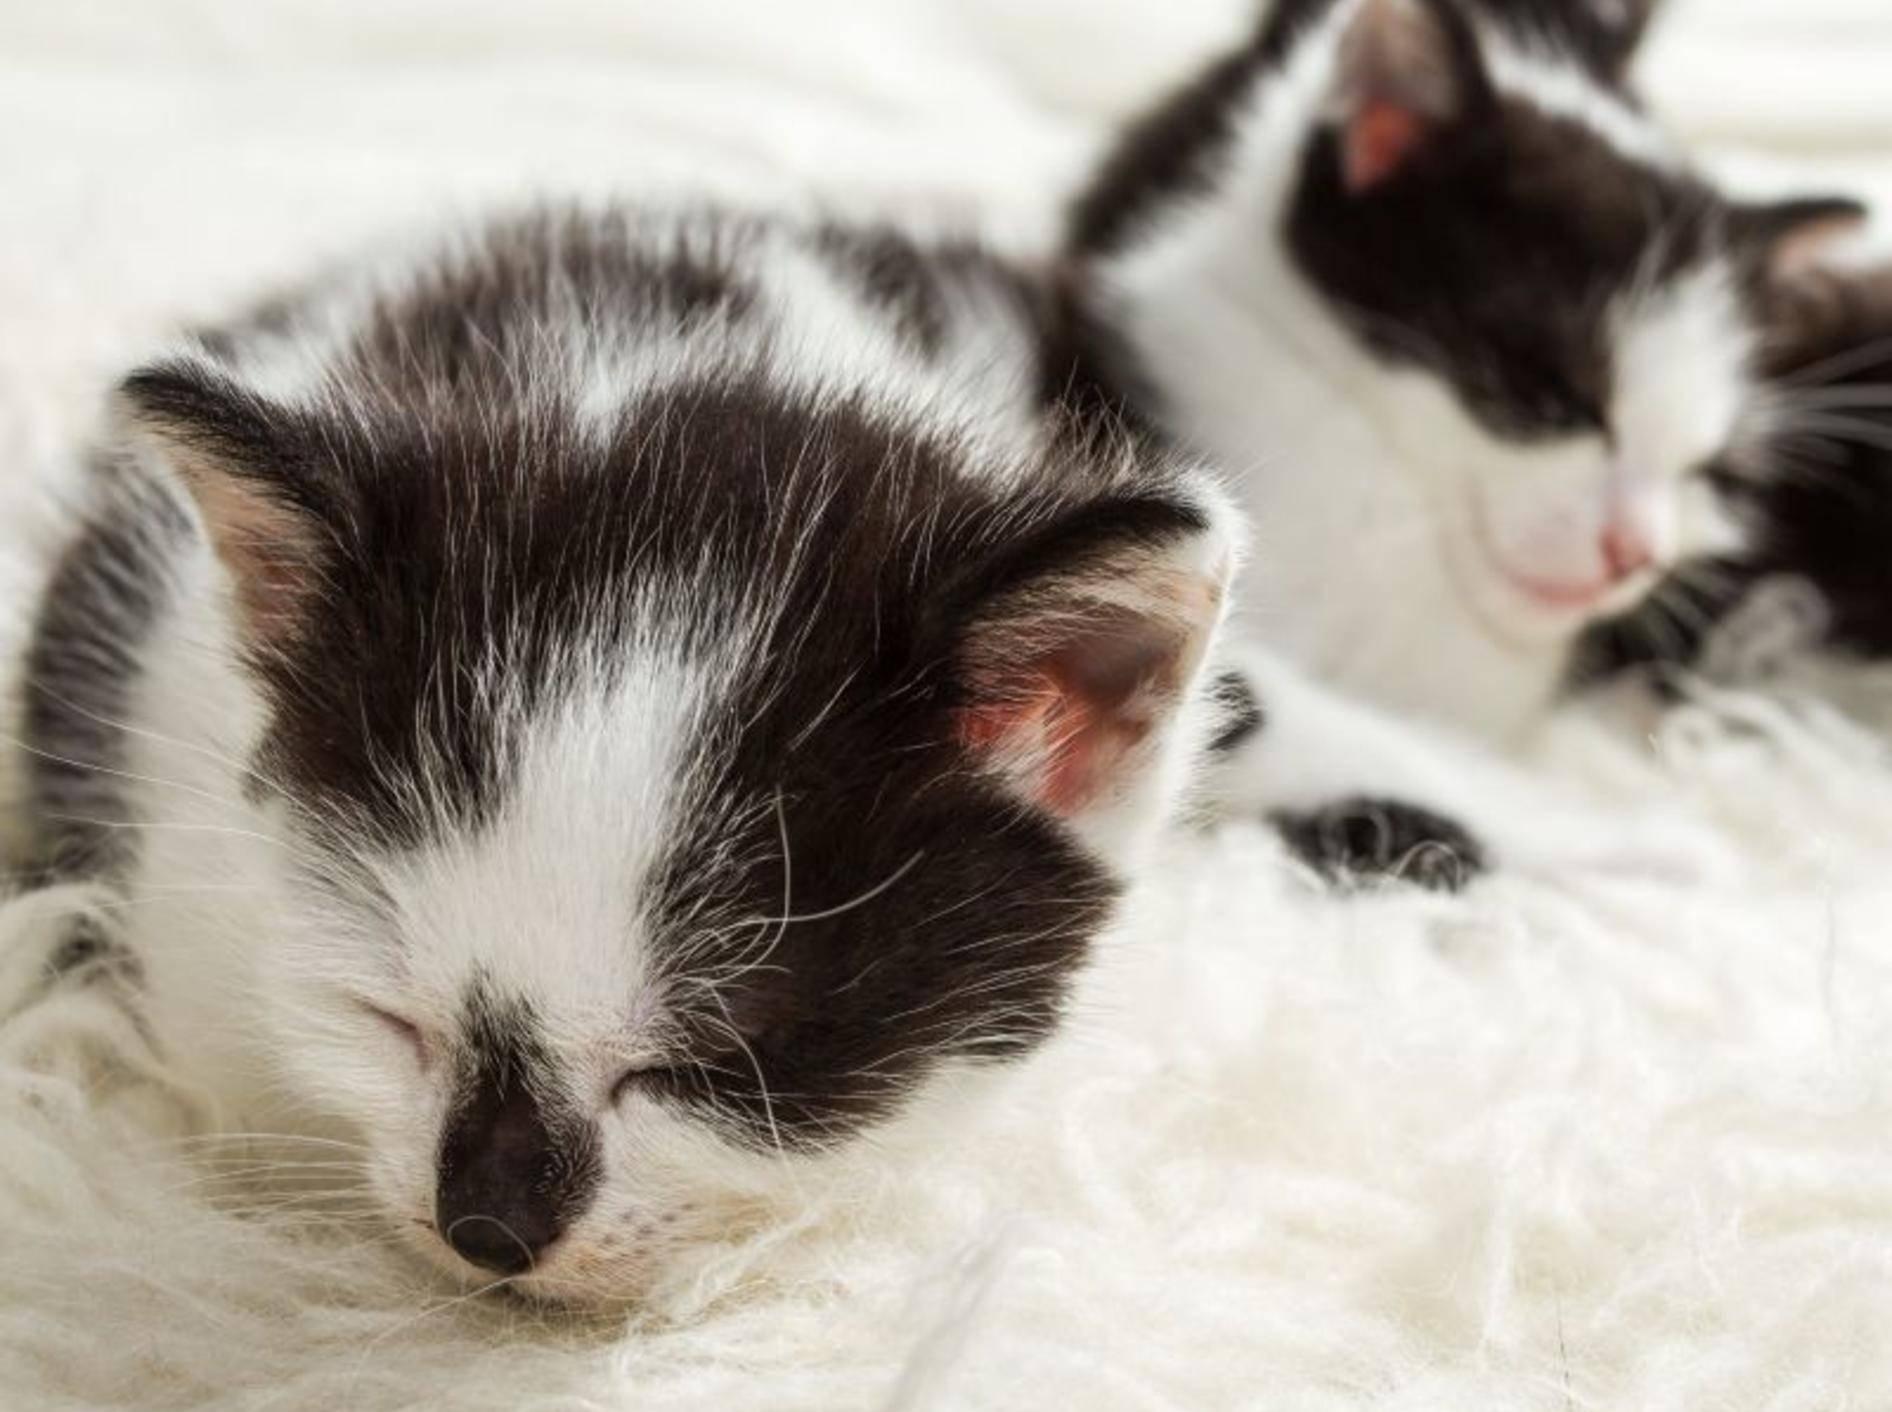 Diese Katzenbabys teilen sich nicht nur das Aussehen, sondern auch den Schlafplatz — Bild: Shutterstock / Shaiith